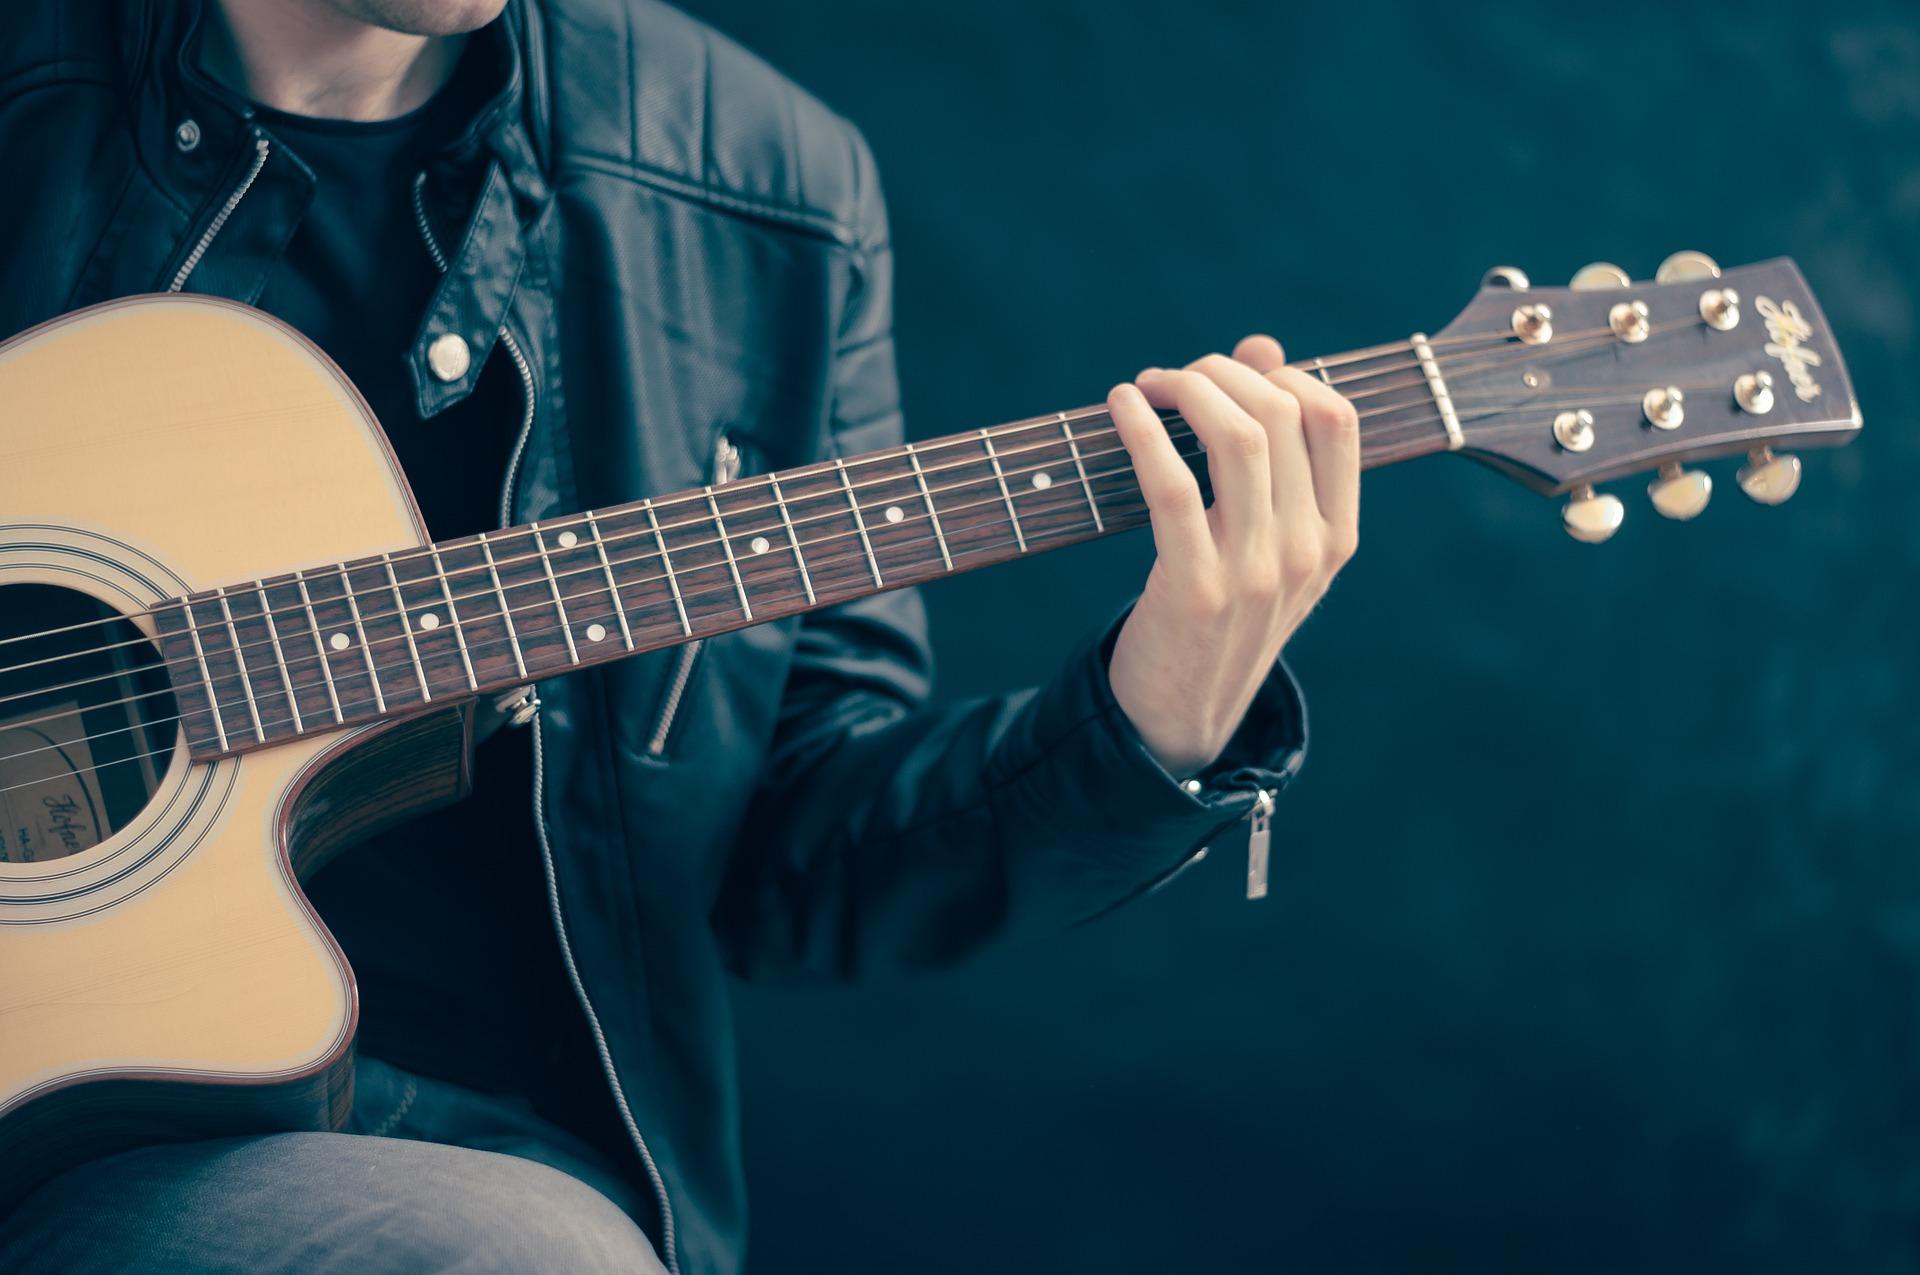 ¿Eres músico? Pincha aquí para + info.